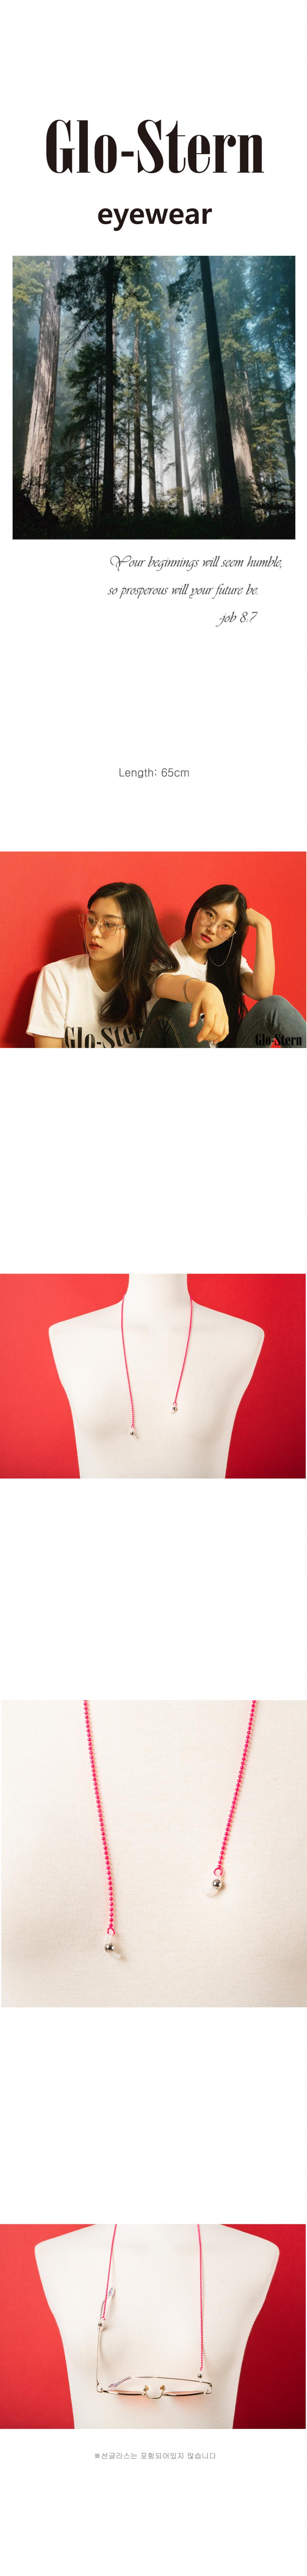 글로스턴(GLOSTERN) GS-Beads Hotpink